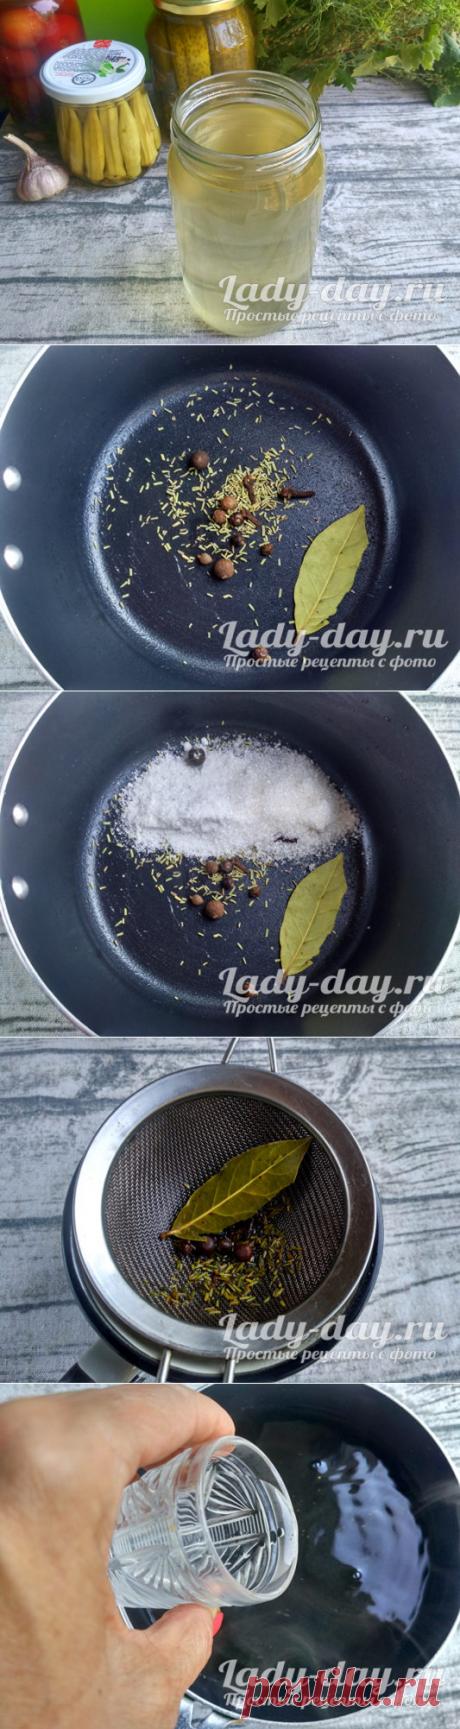 Маринад для огурцов, рецепт на 1 литр воды | Простые рецепты с фото